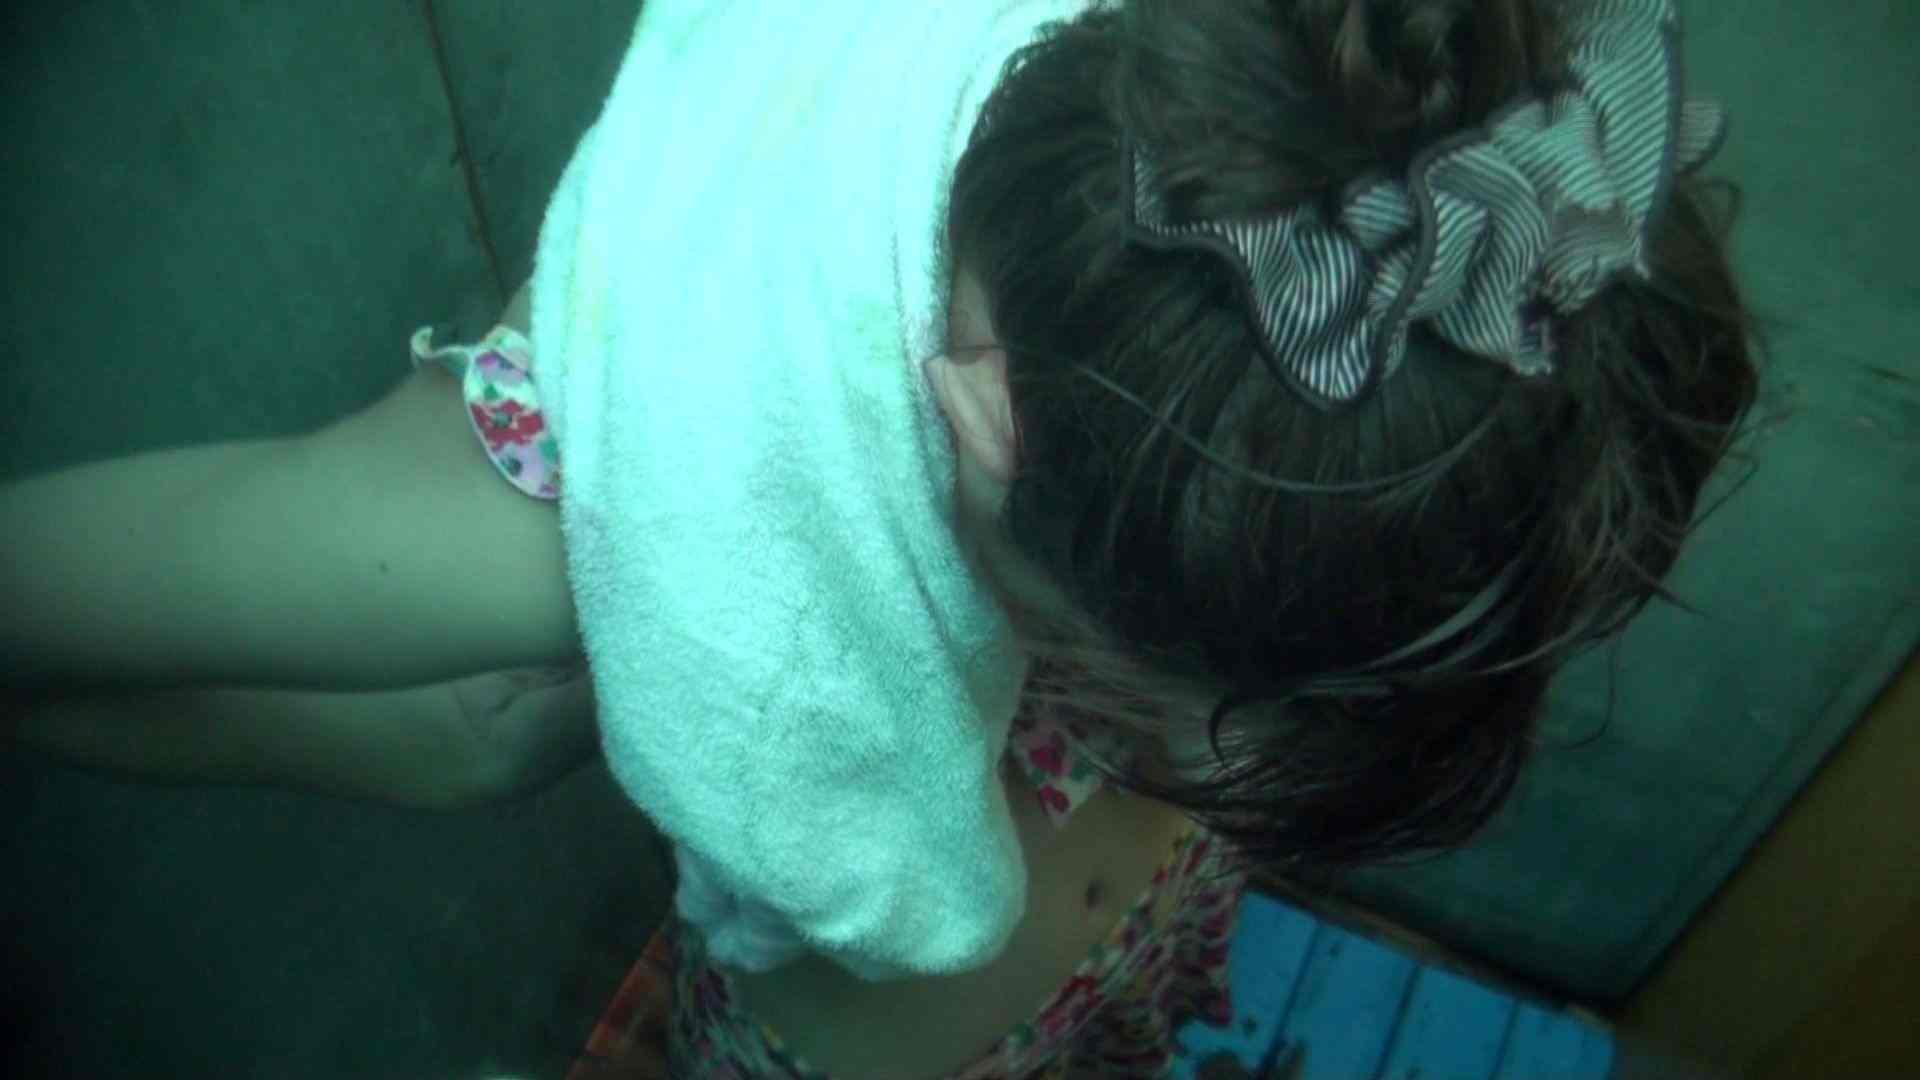 シャワールームは超!!危険な香りVol.6 超至近距離から彼女を凝視!! OL  102枚 21